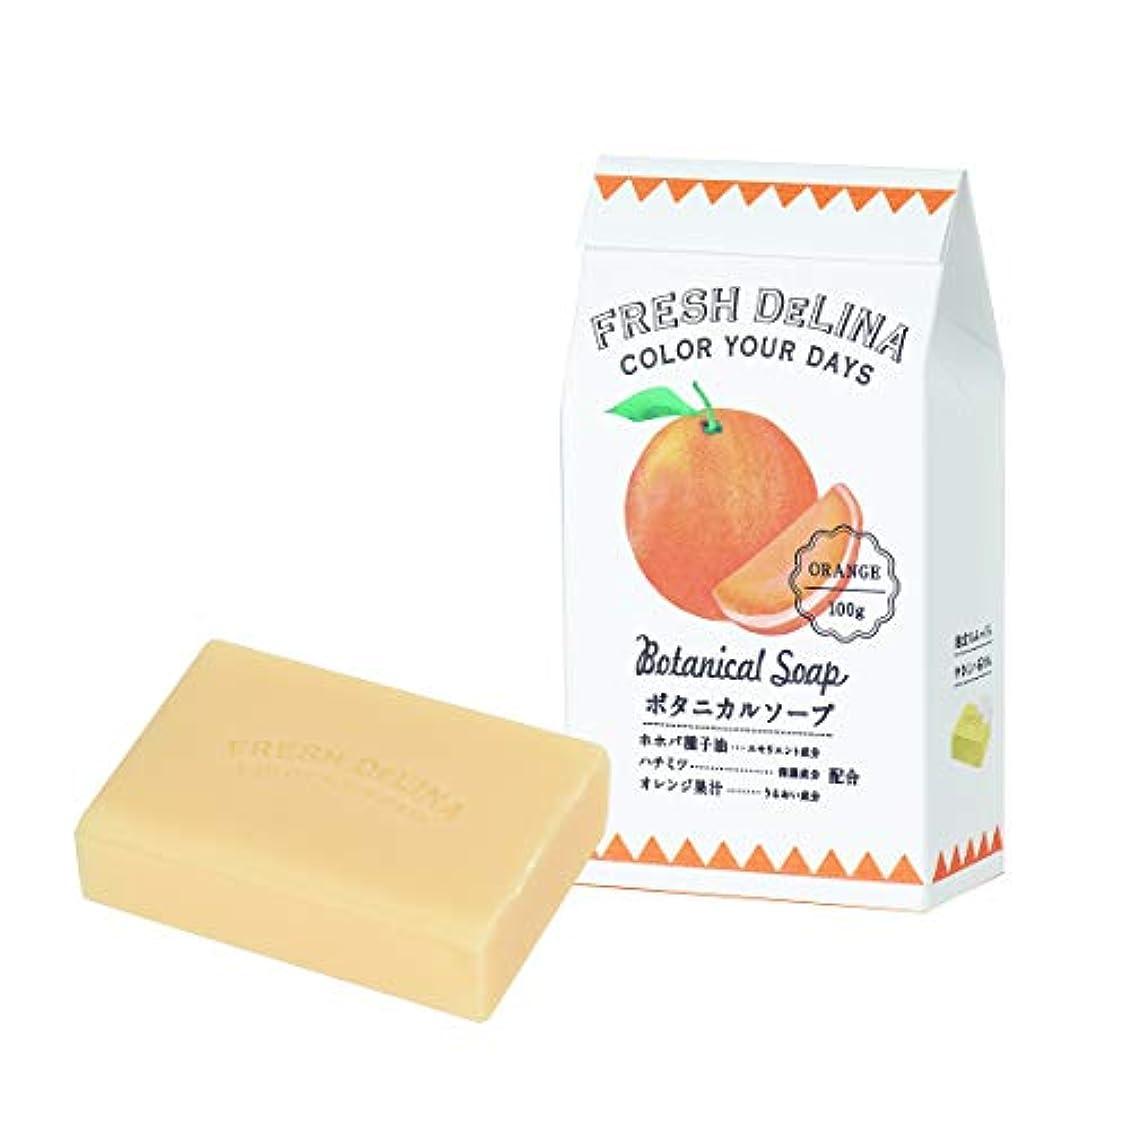 赤字パースブラックボロウ共和国フレッシュデリーナ ボタニカルソープ オレンジ 100g